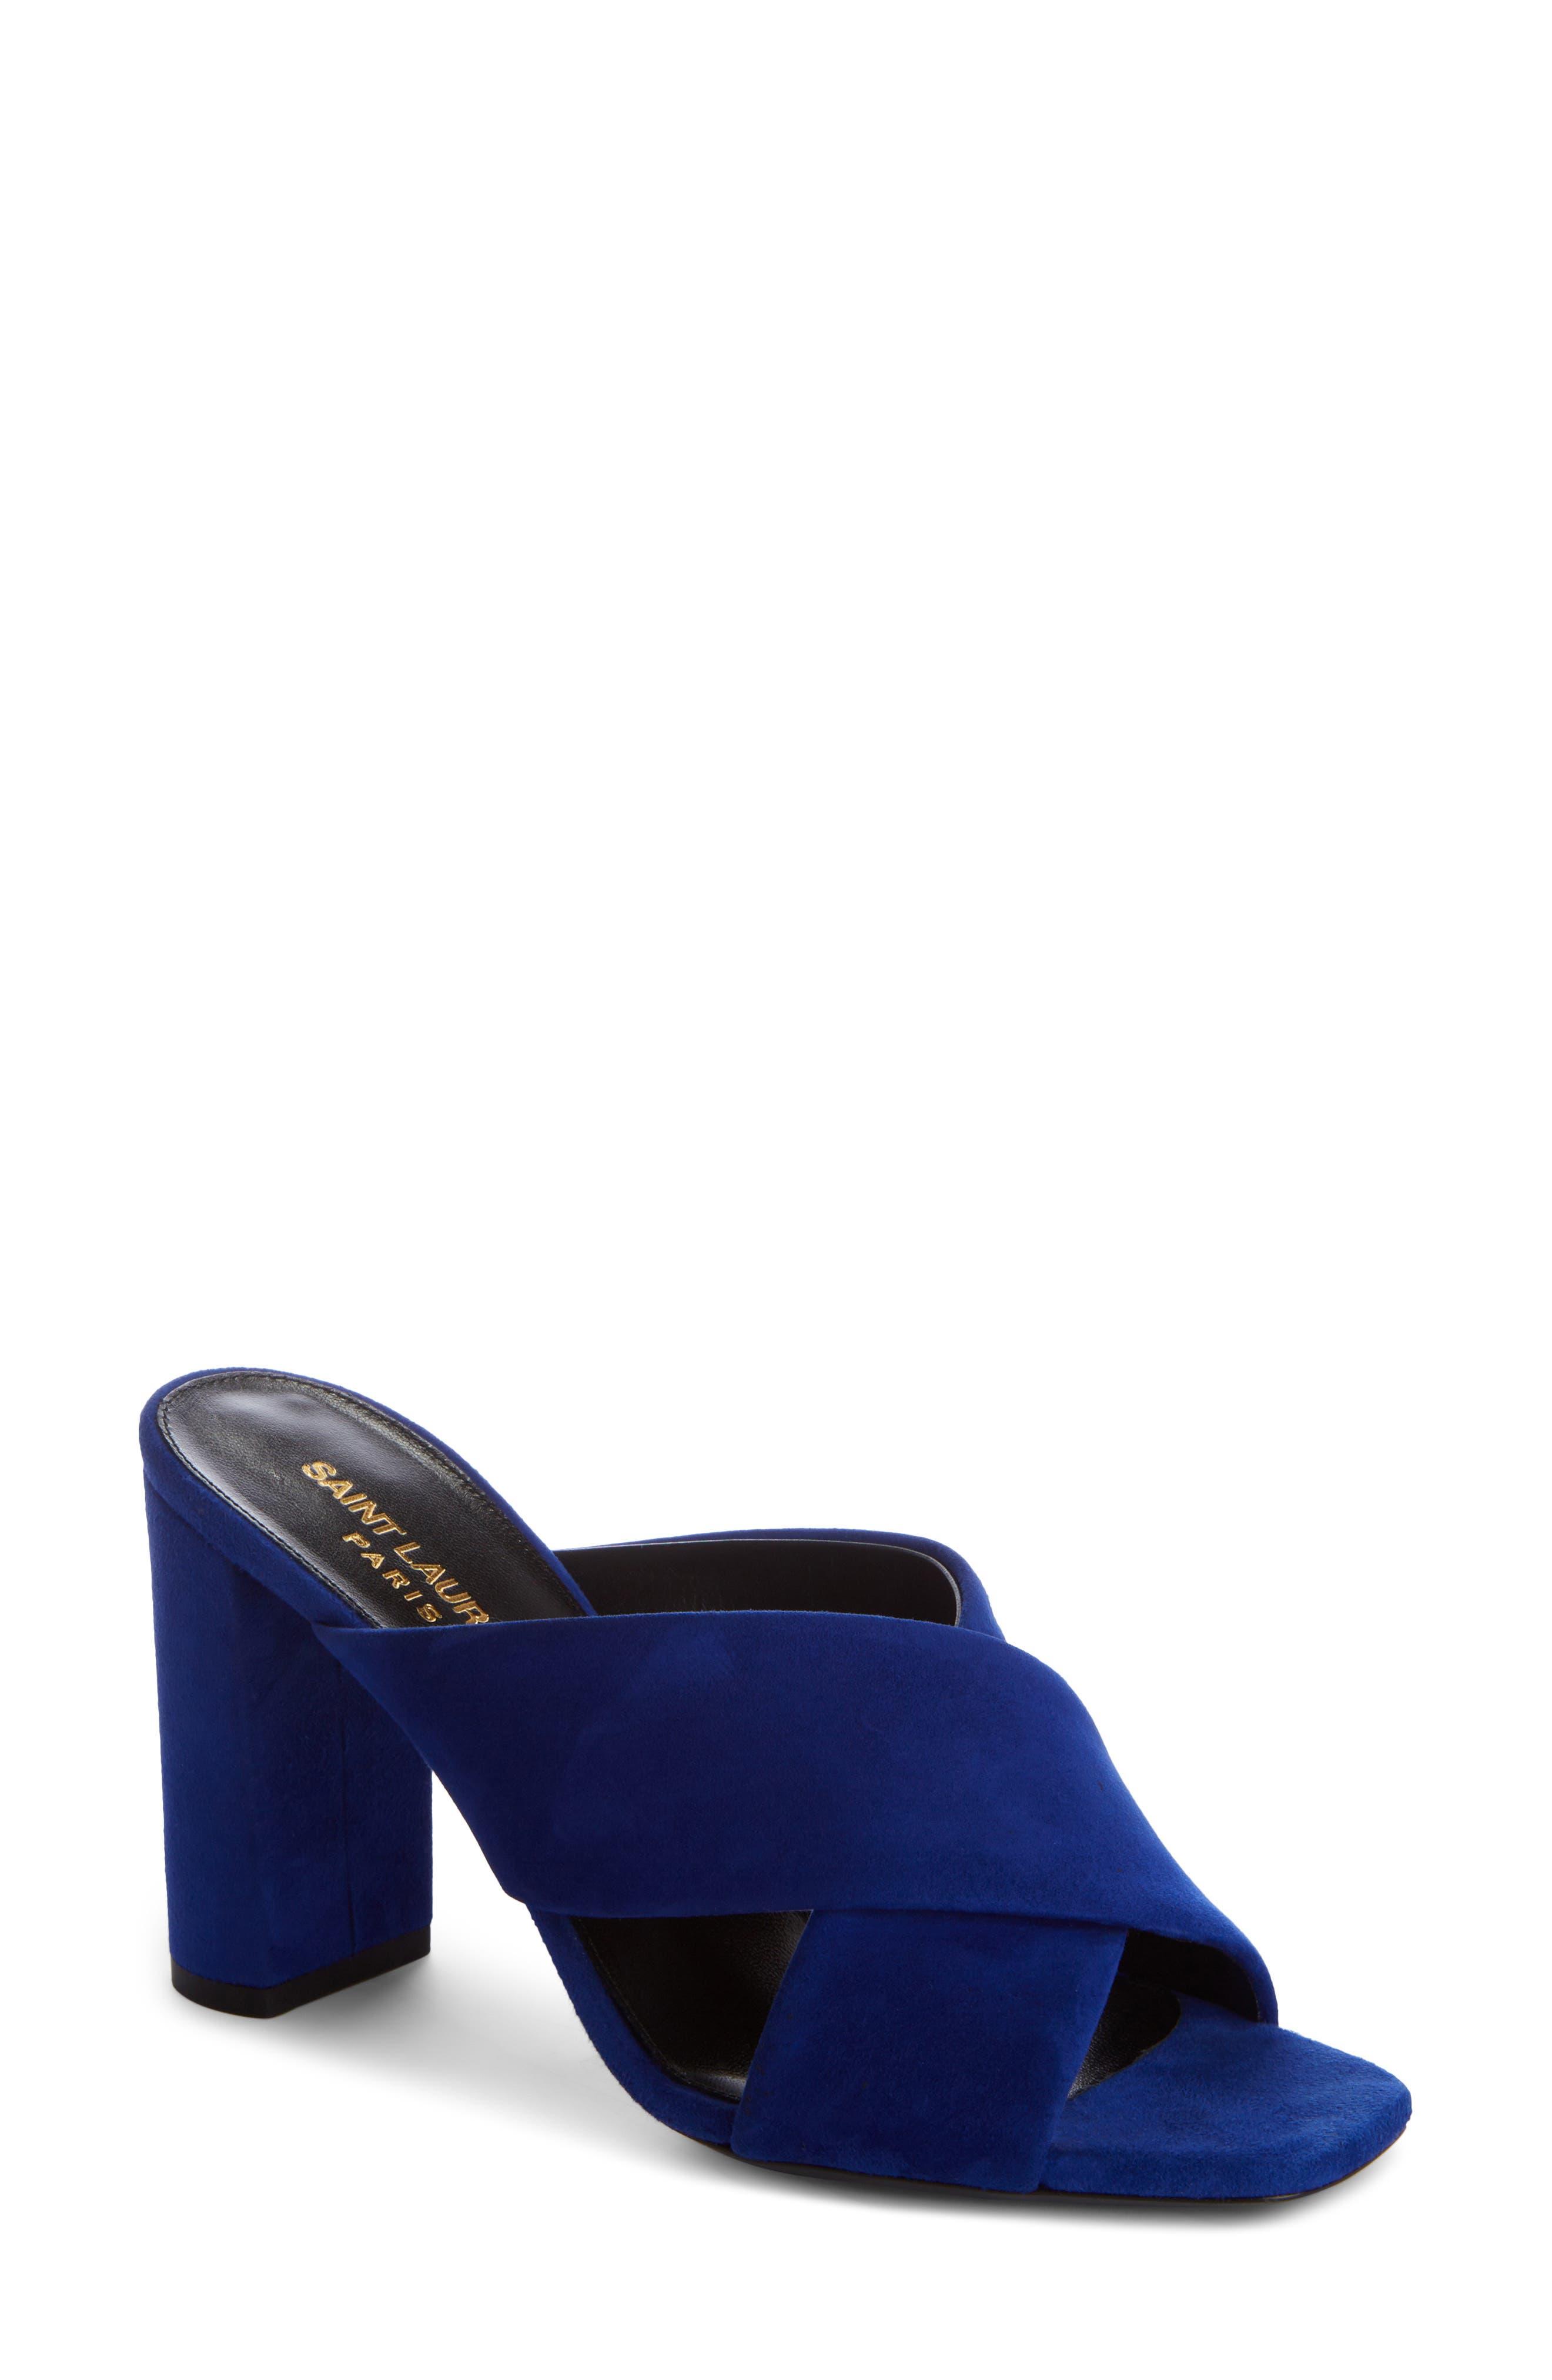 Loulou Sandal,                         Main,                         color, Electric Blue